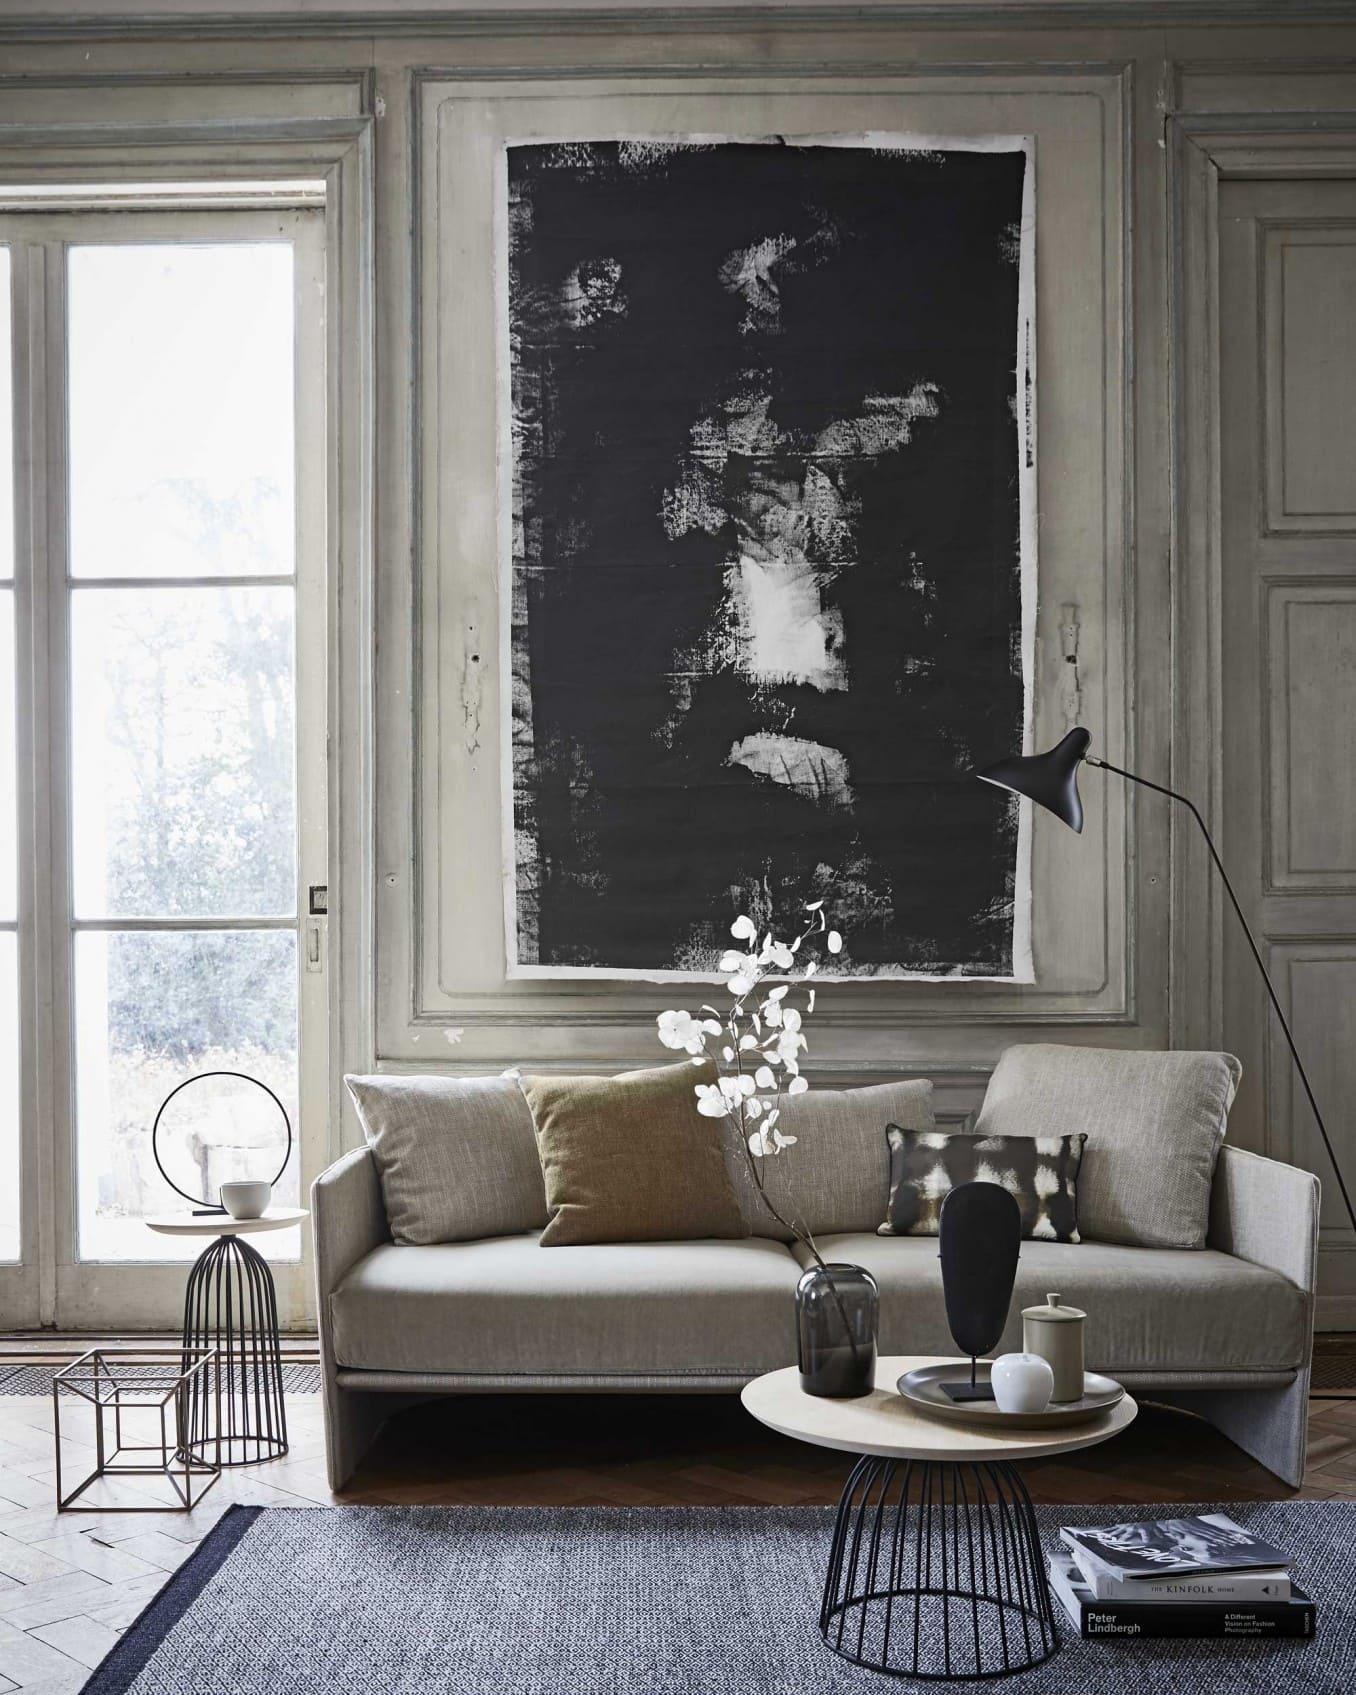 http://i2.wp.com/cocolapinedesign.com/wp-content/uploads/2018/03/woonkamer-grijs-zwart-kunst-schilderij.jpg